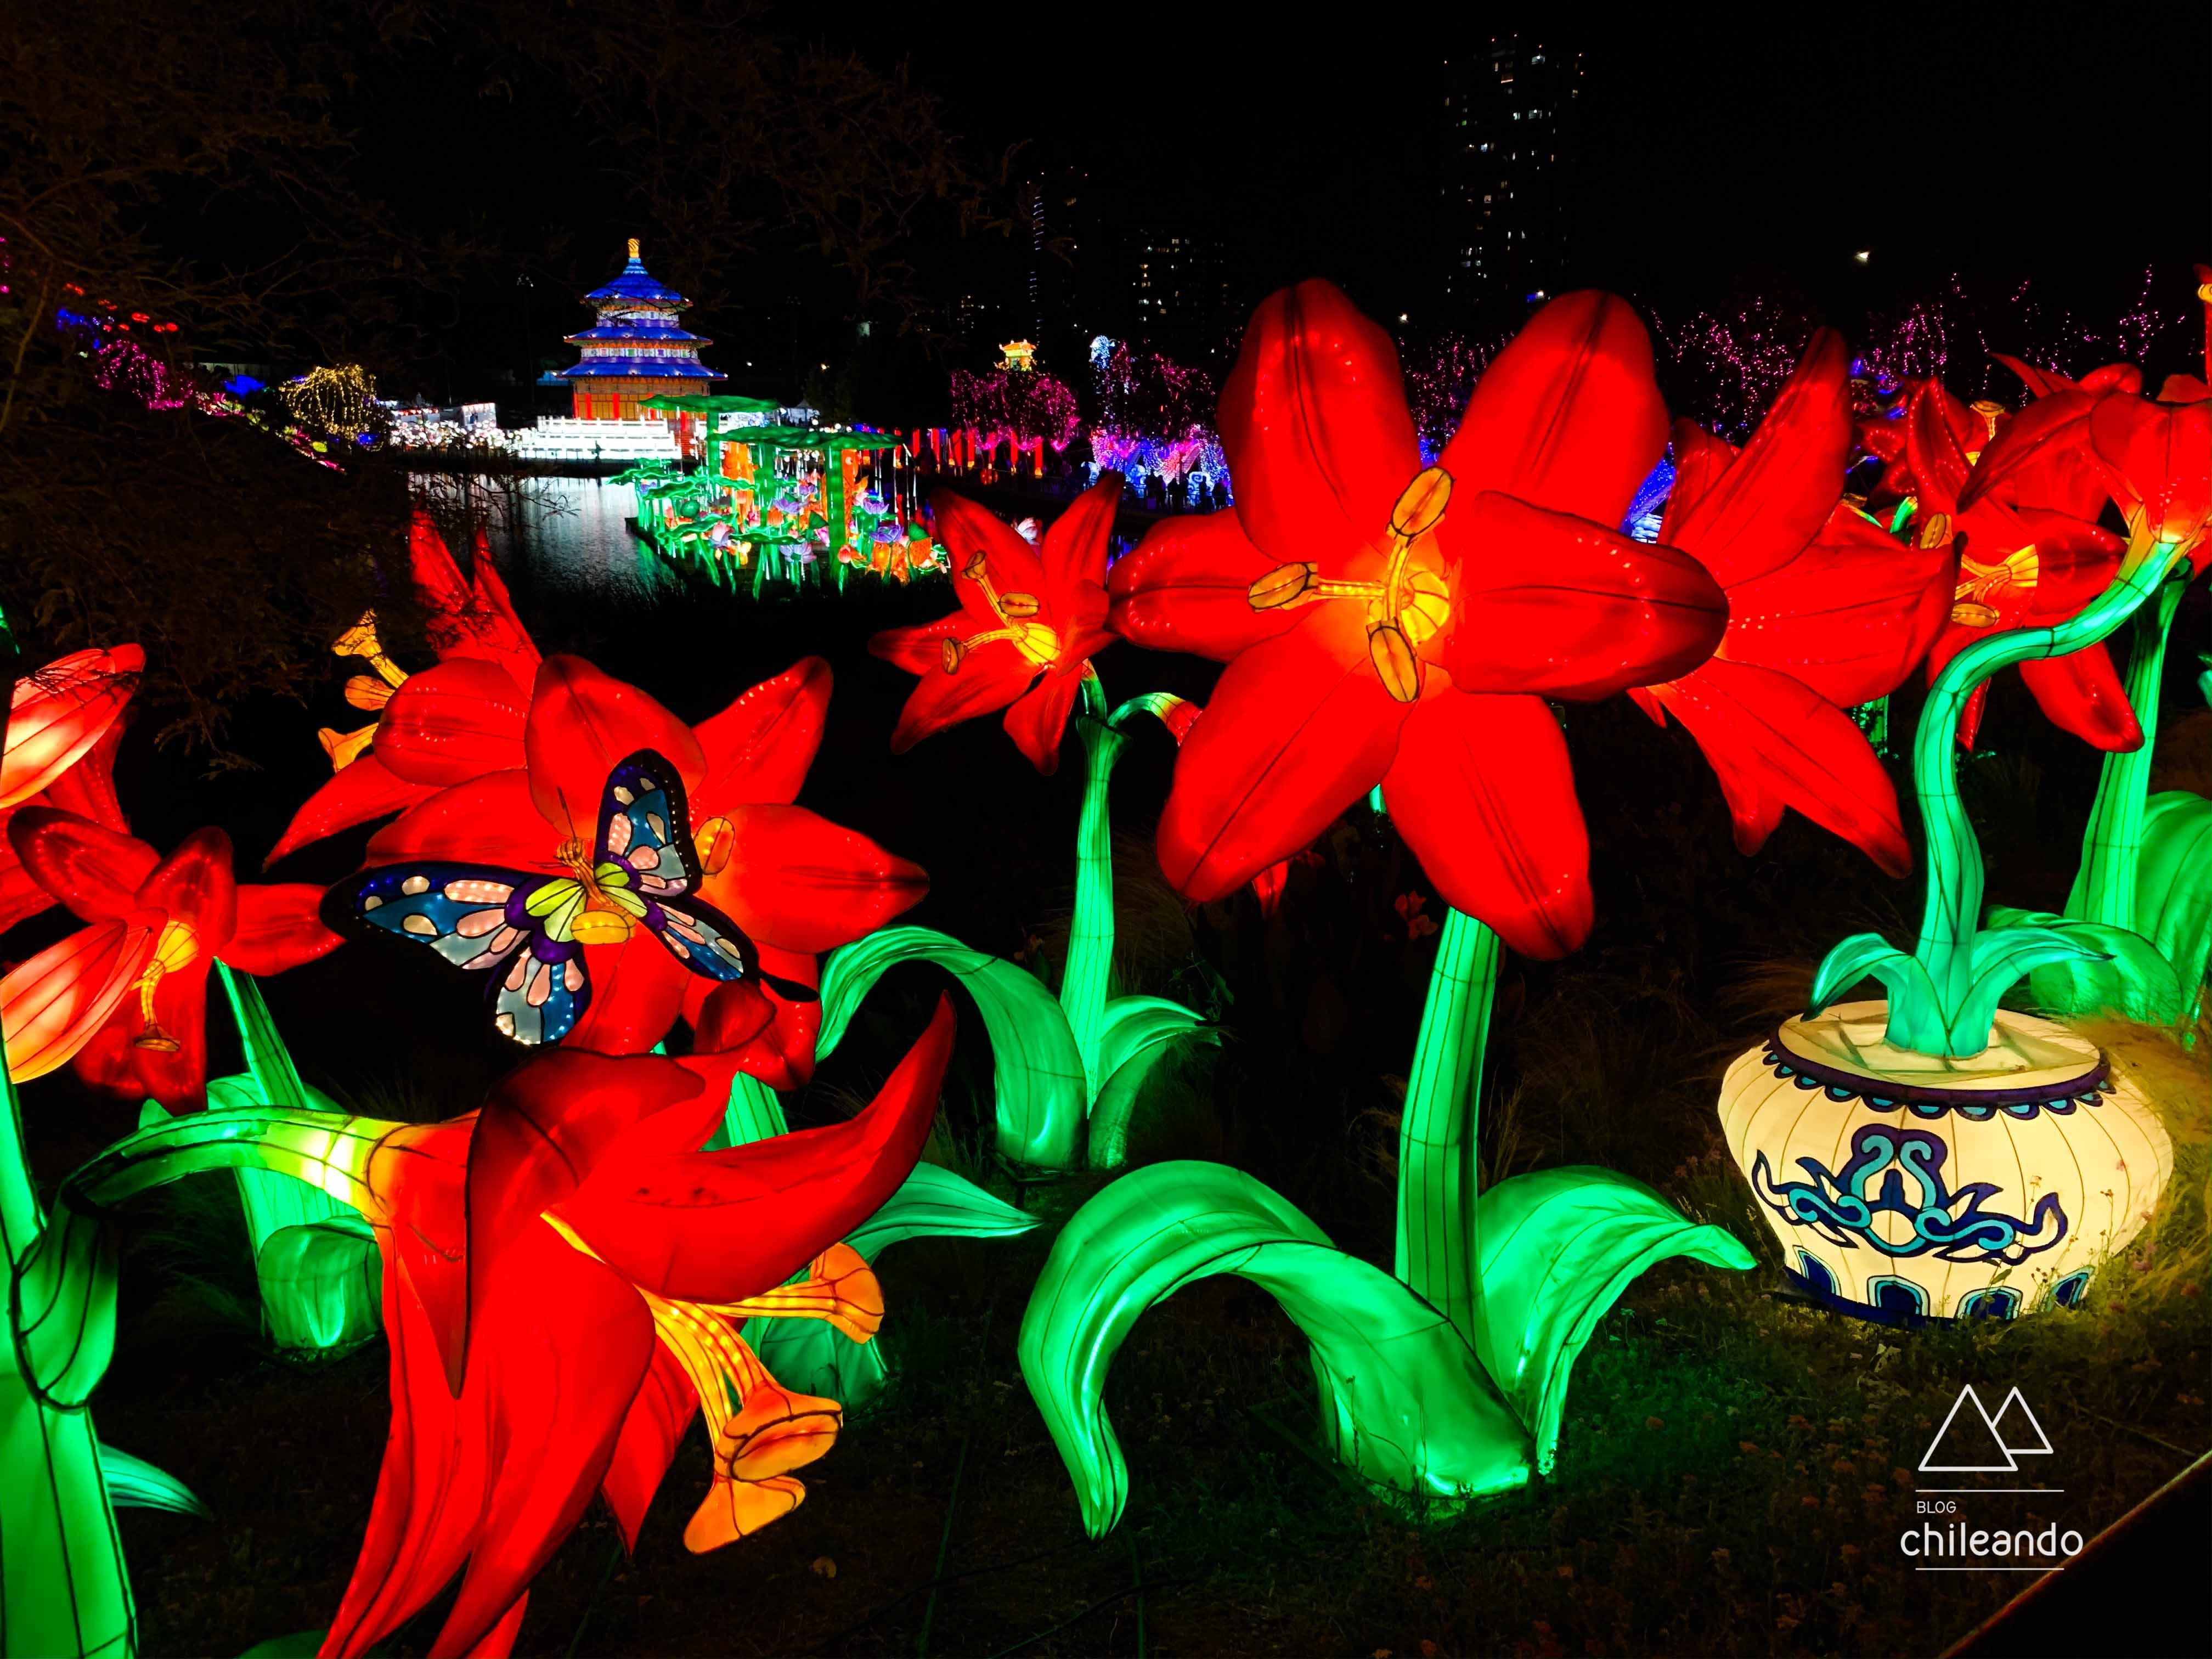 Cores e luzes encantam ao público no Parque de la Familia